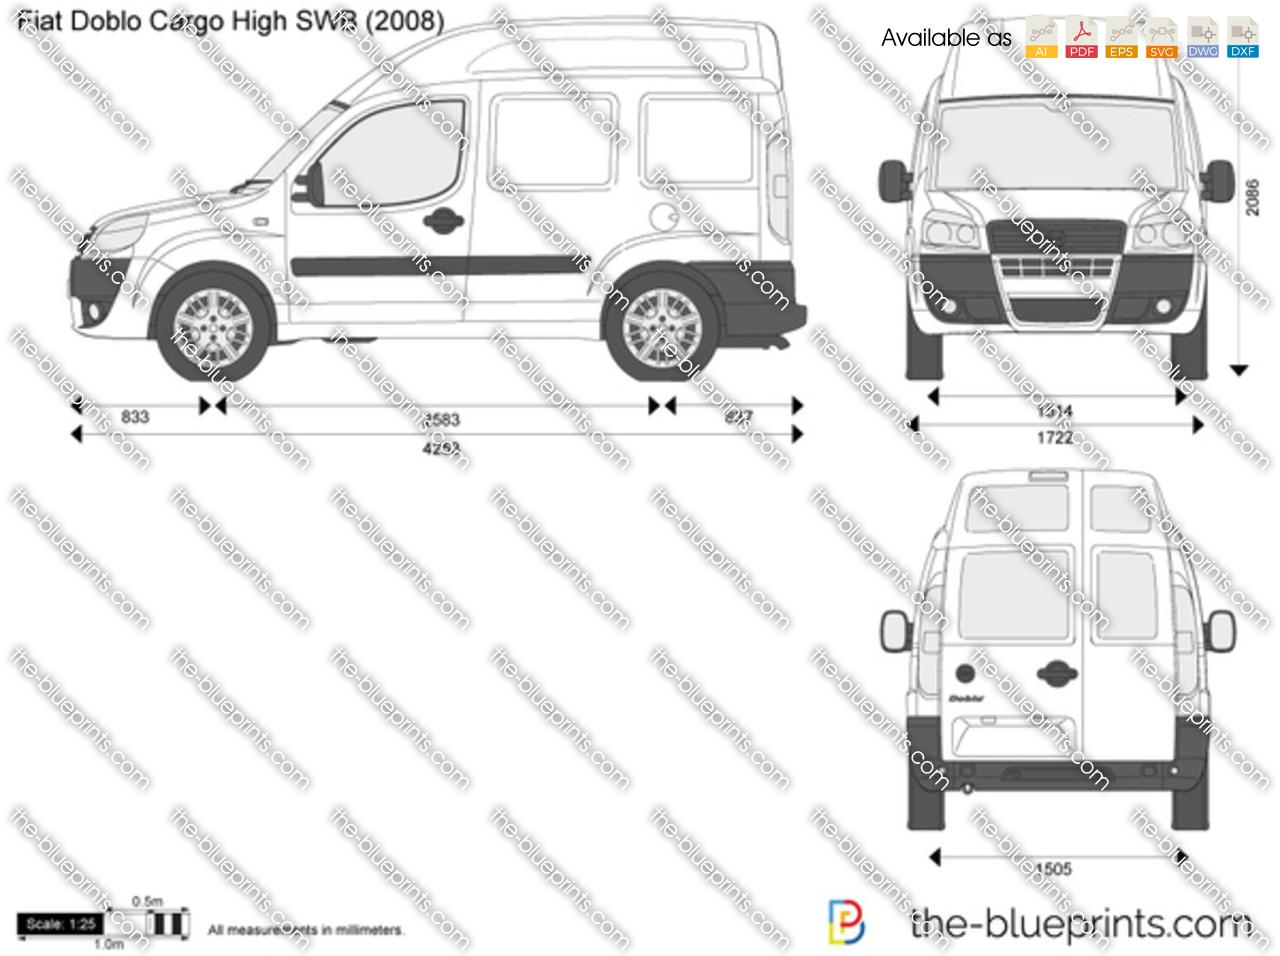 Fiat Doblo Cargo Wiring Diagram - DIY Enthusiasts Wiring Diagrams •